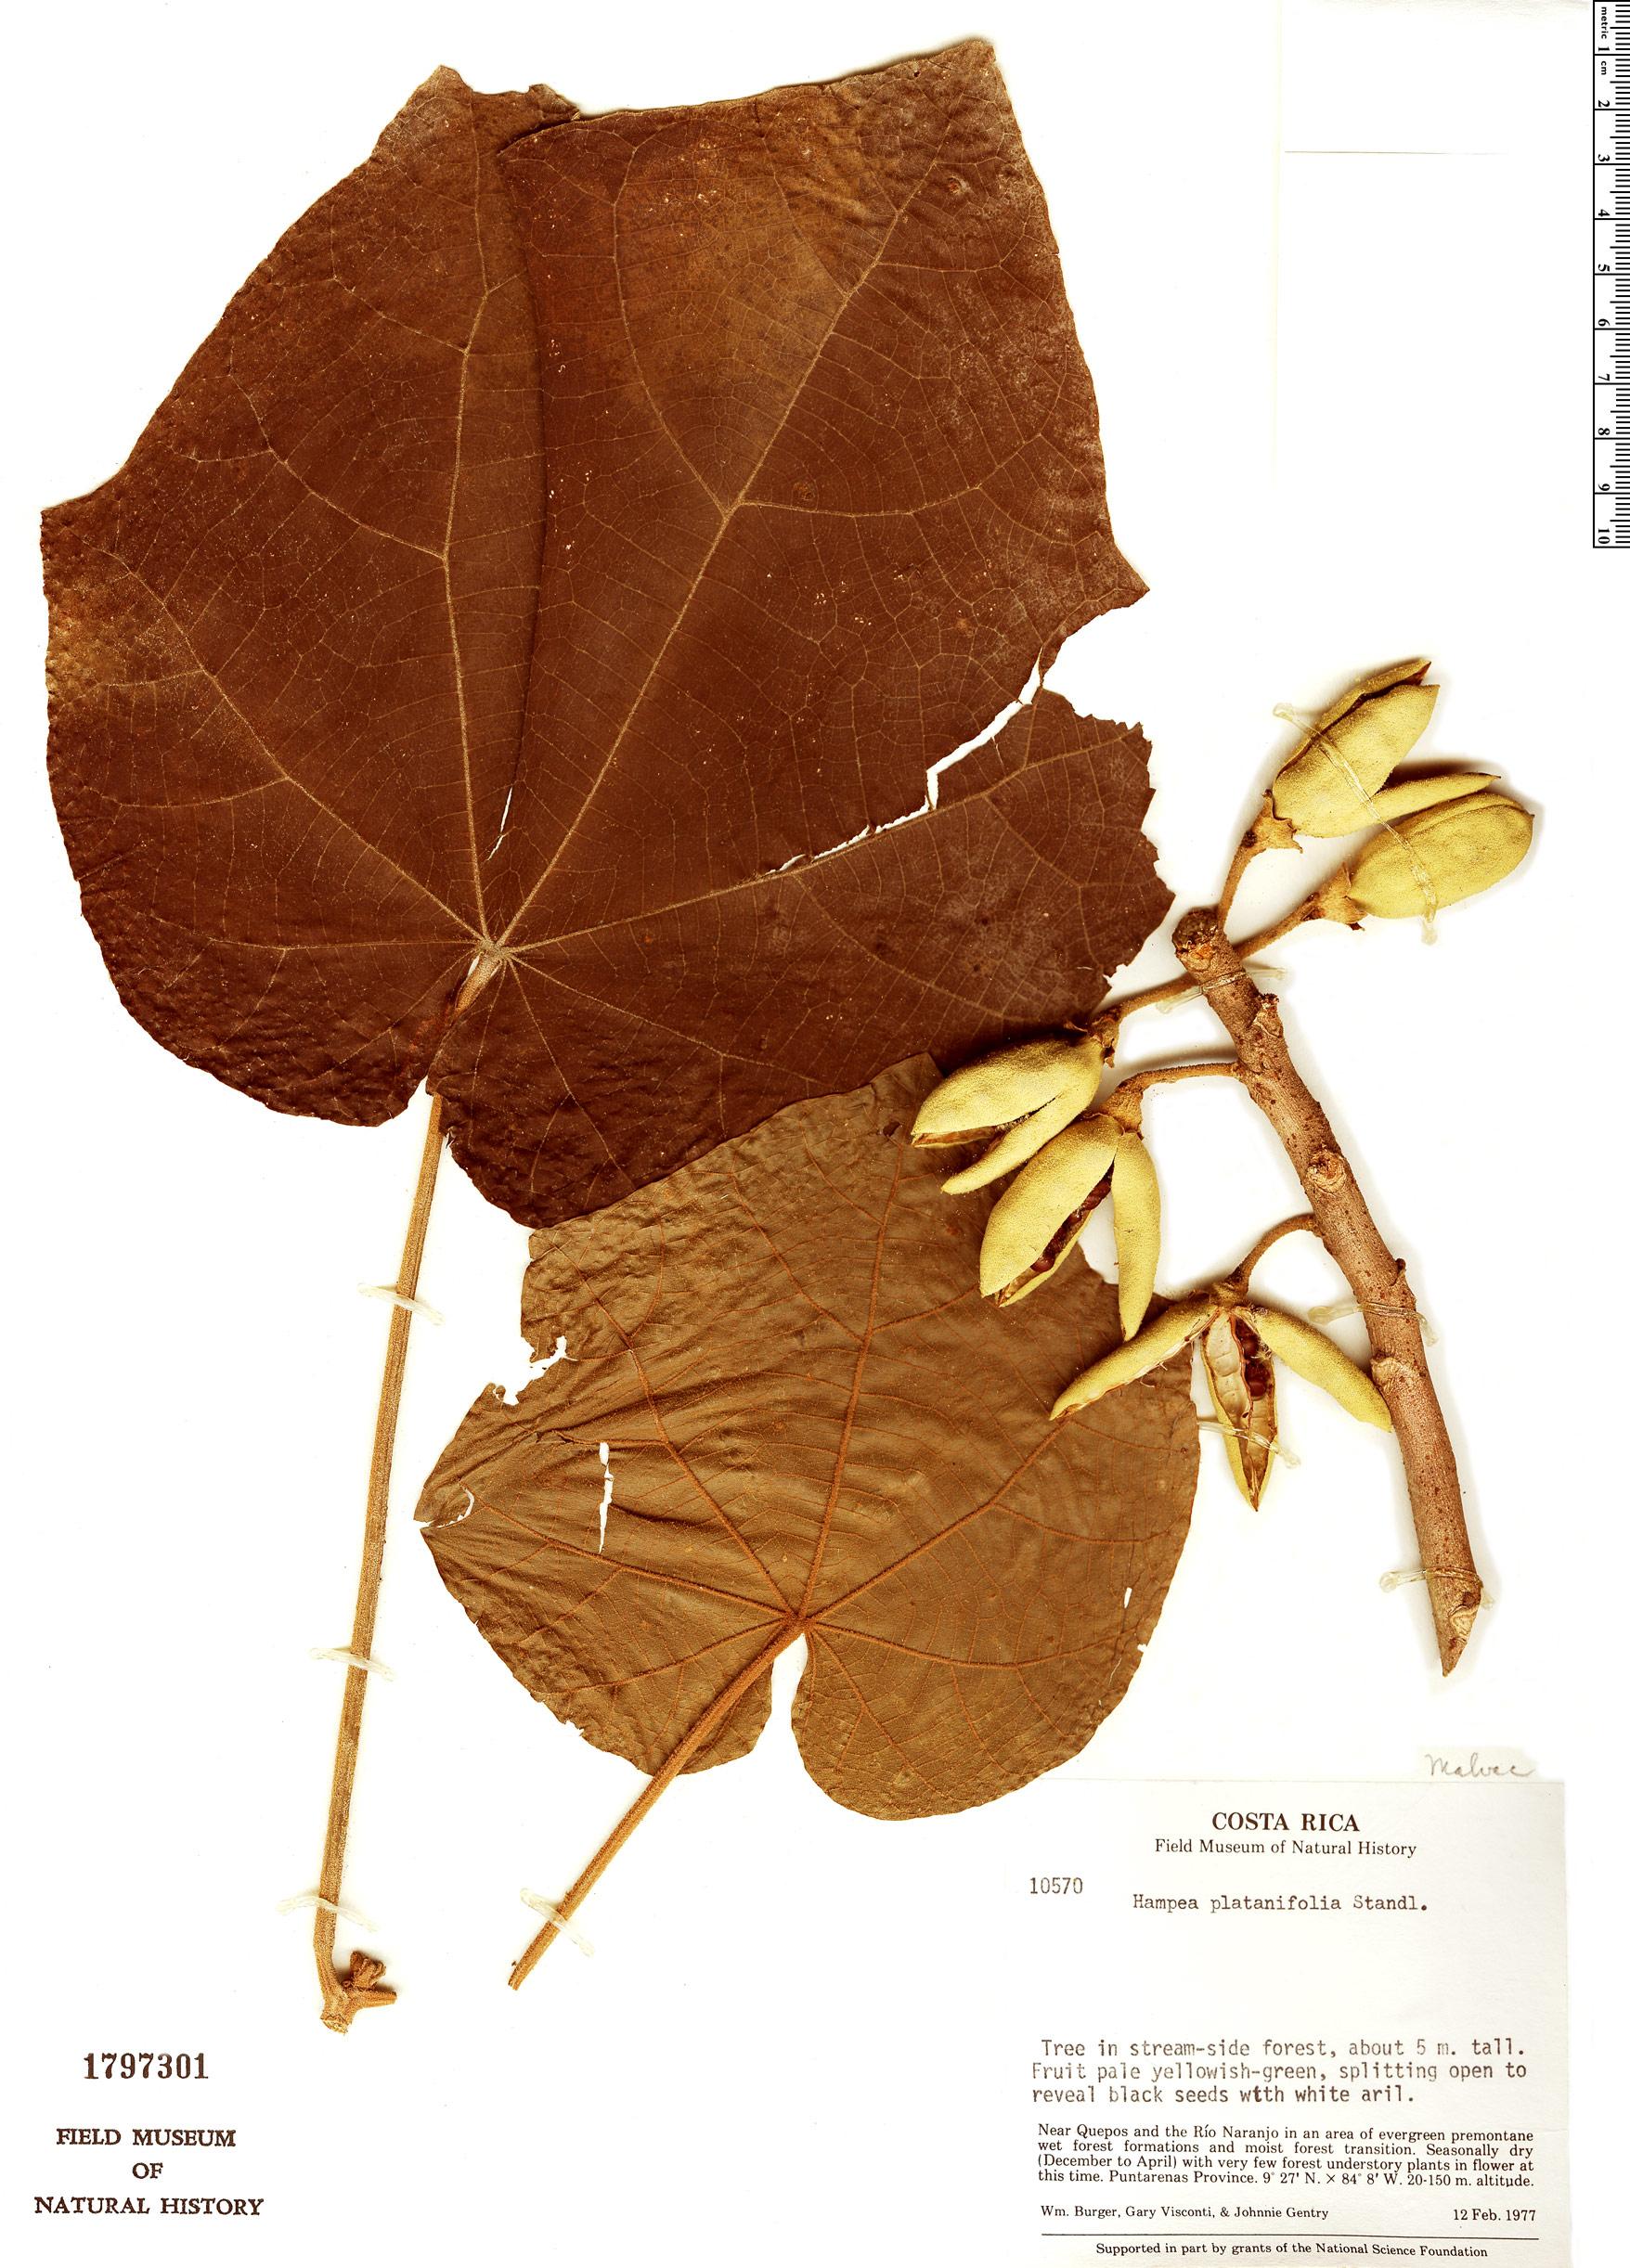 Specimen: Hampea platanifolia